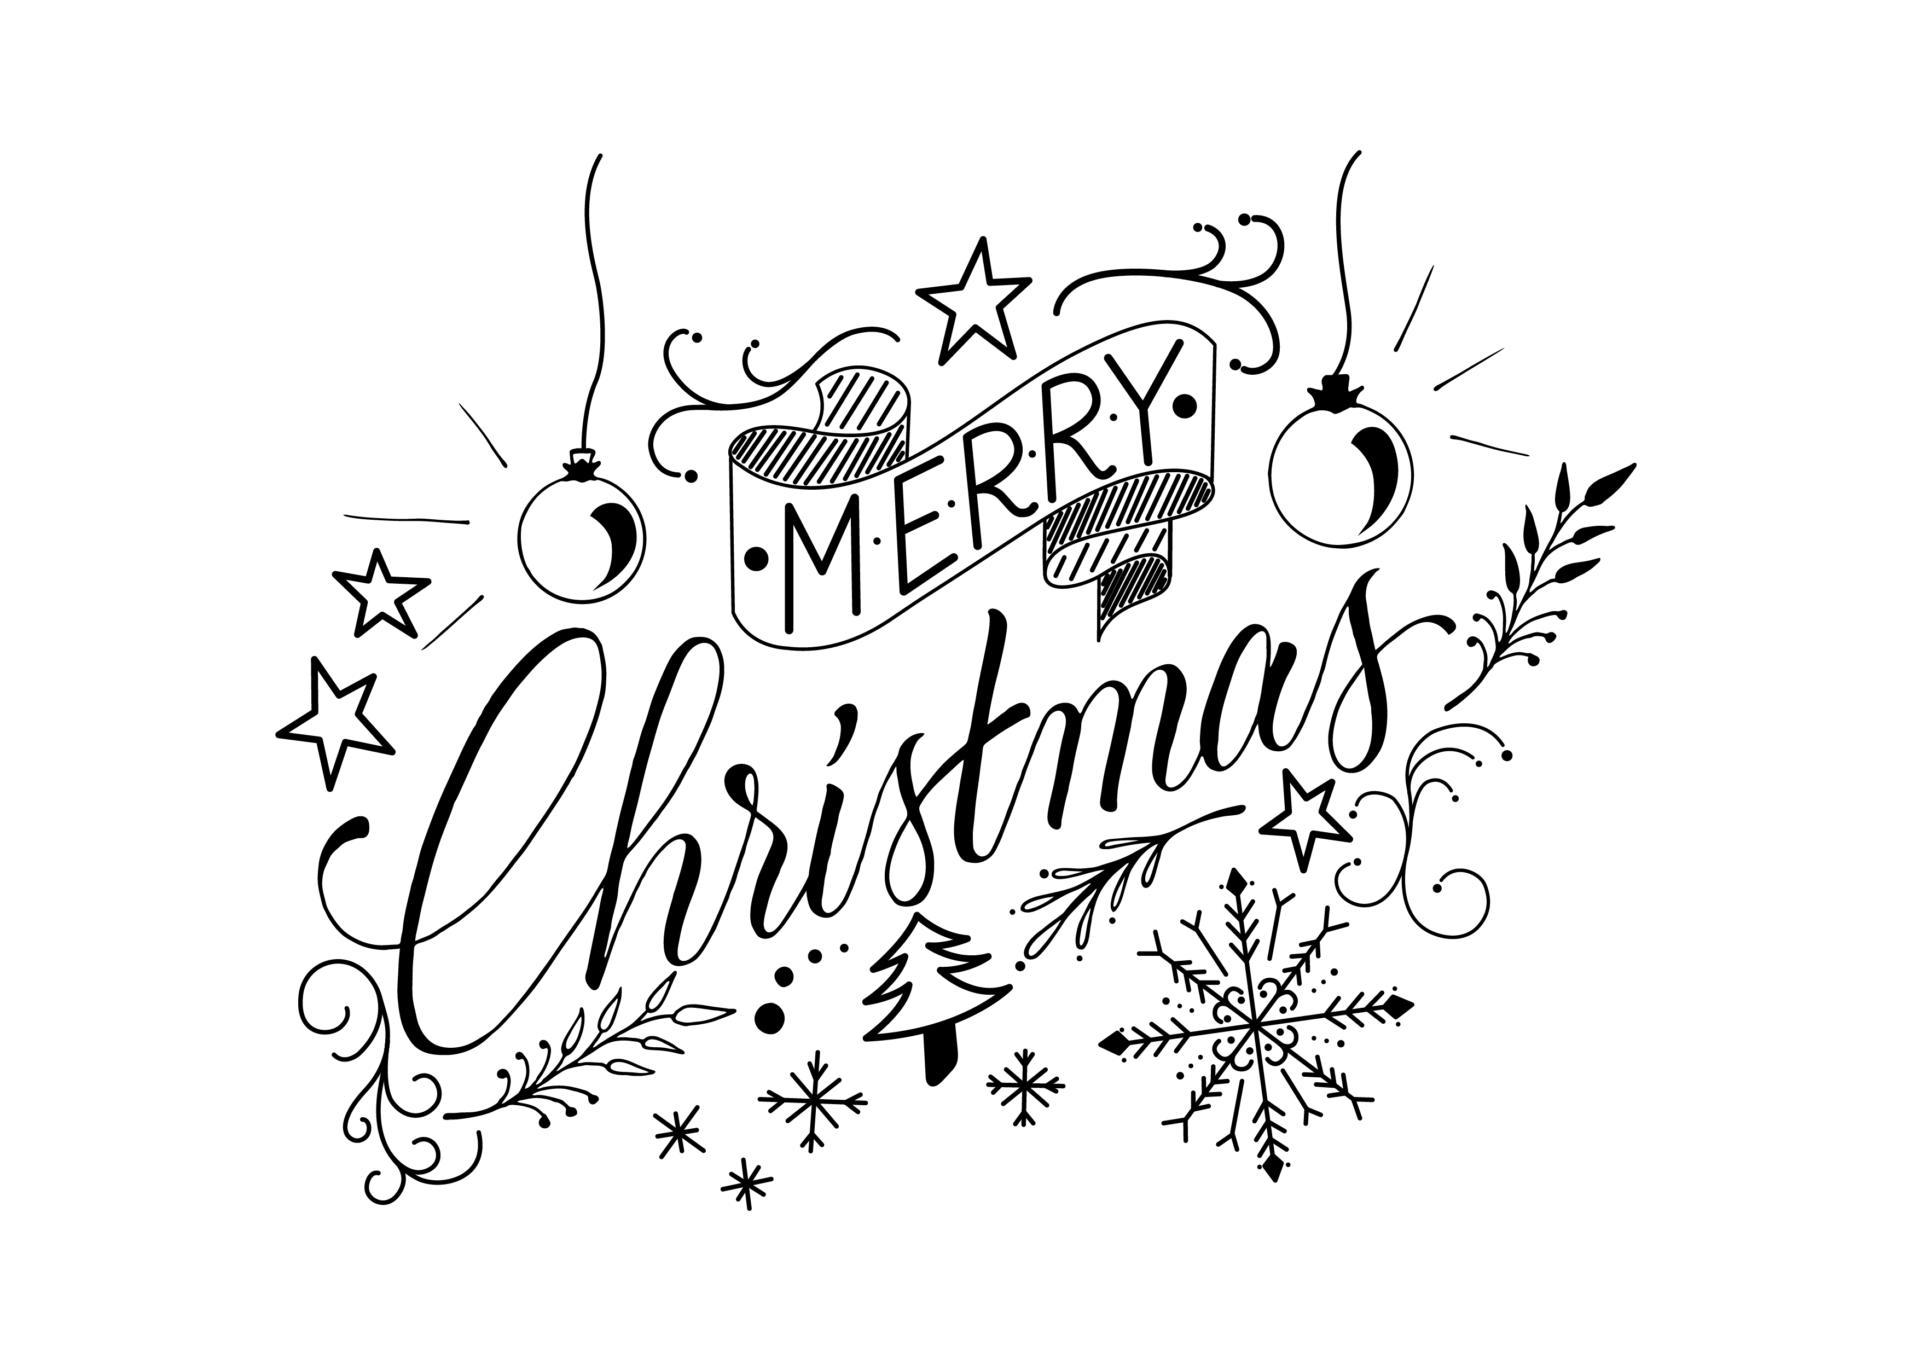 Schriftzug Frohe Weihnachten Zum Ausdrucken.Adventskalender Gestalten Kostenlose Vorlagen Und Gestaltungstipps